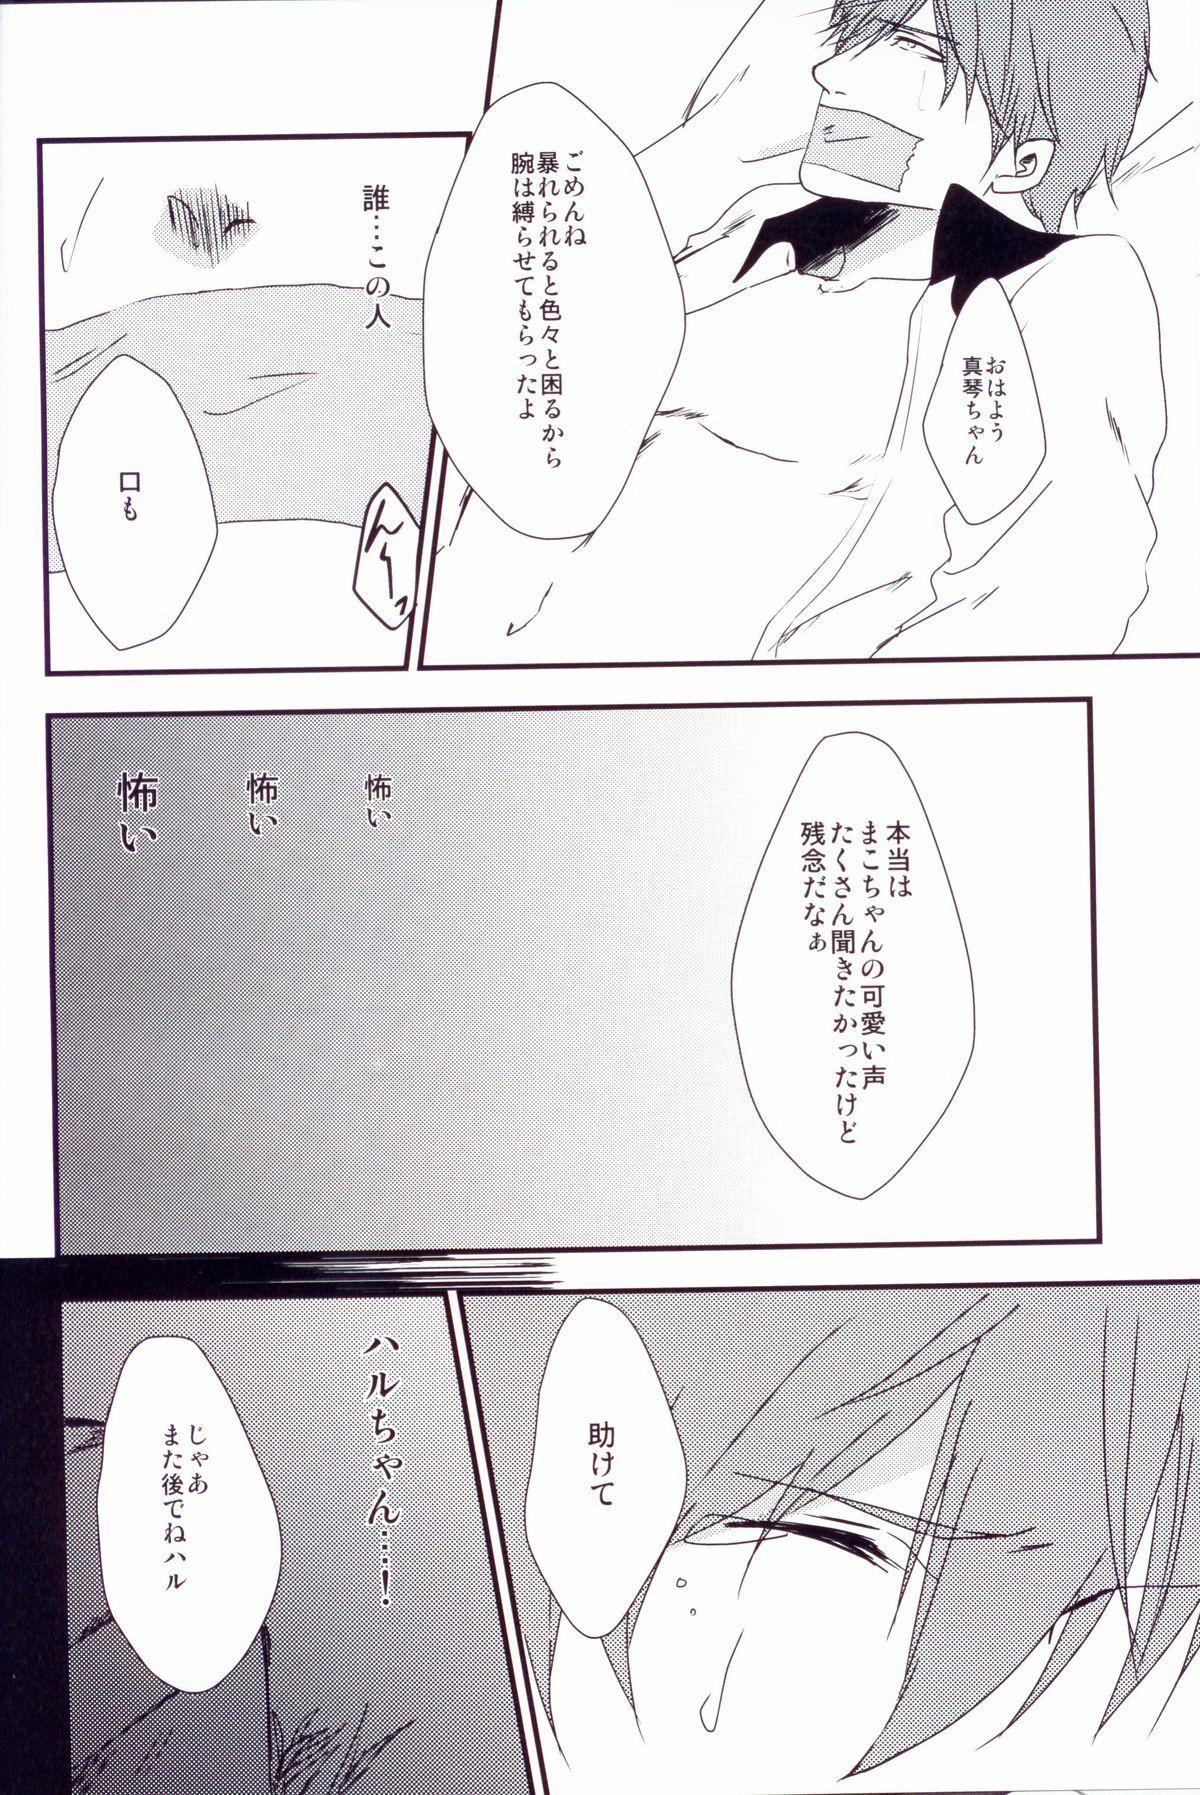 Makoto-chan o doro doro ni suru hon 16